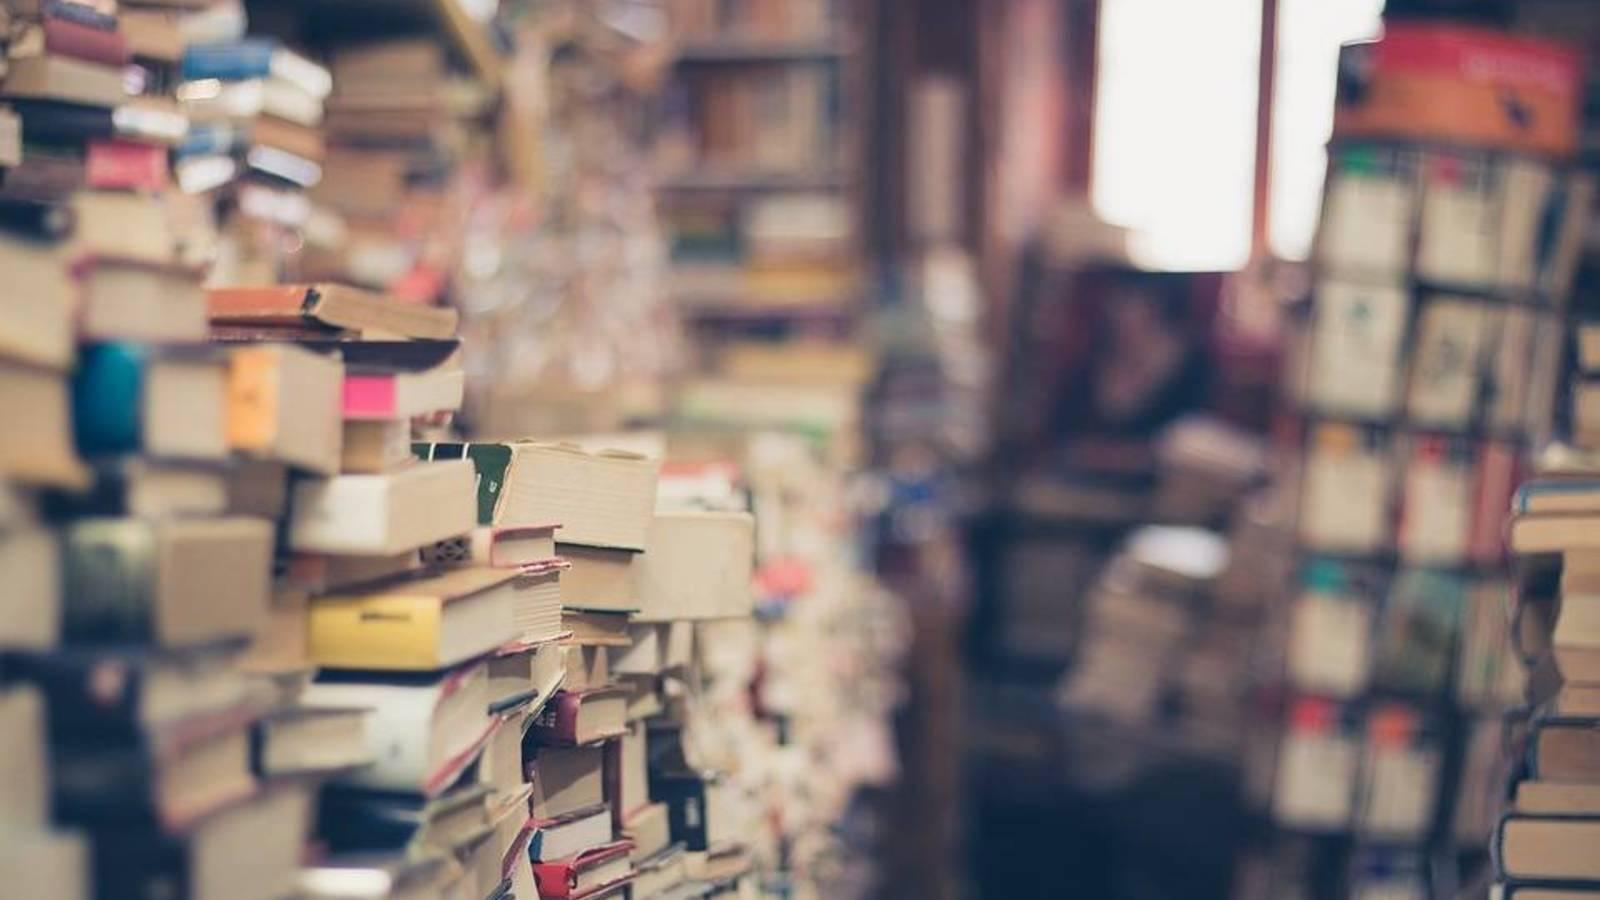 en-que-contenedores-reciclar-libros